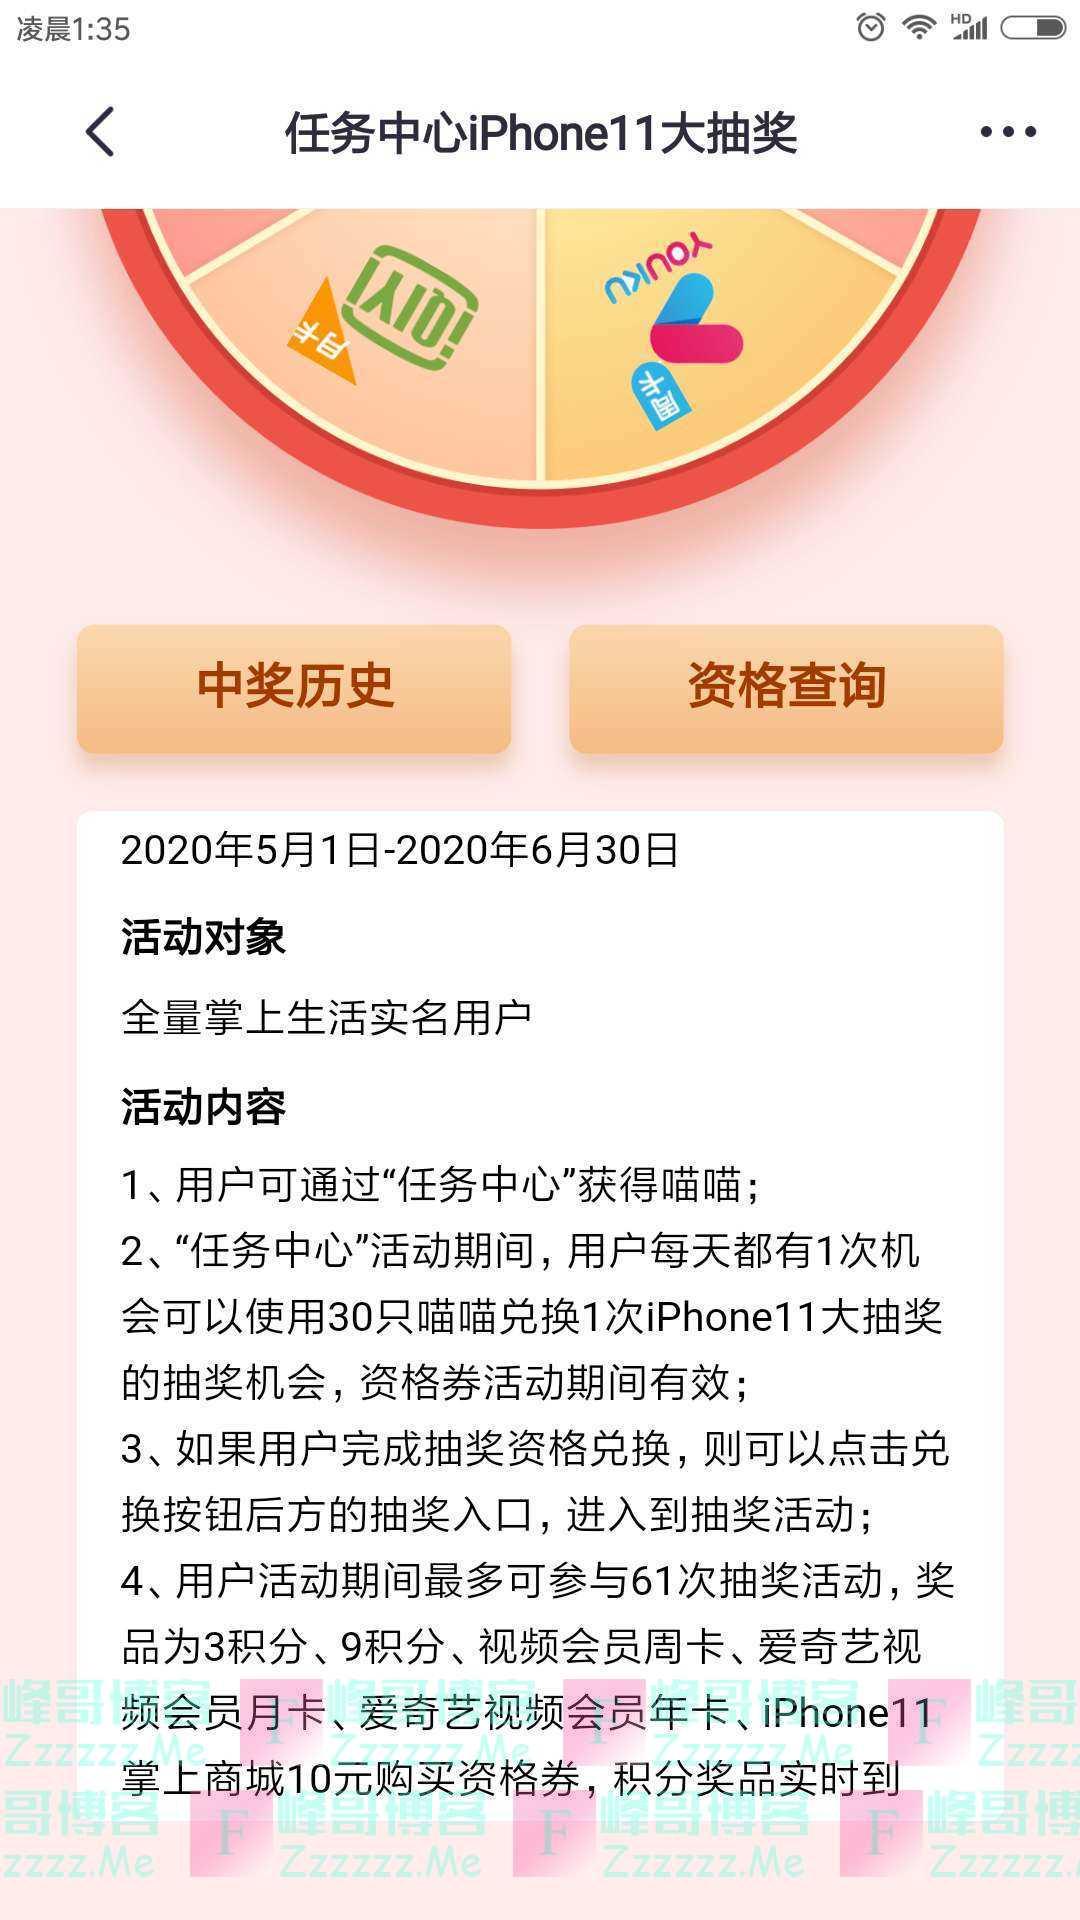 掌上生活来任务中心赢iphone11(截止6月30日)